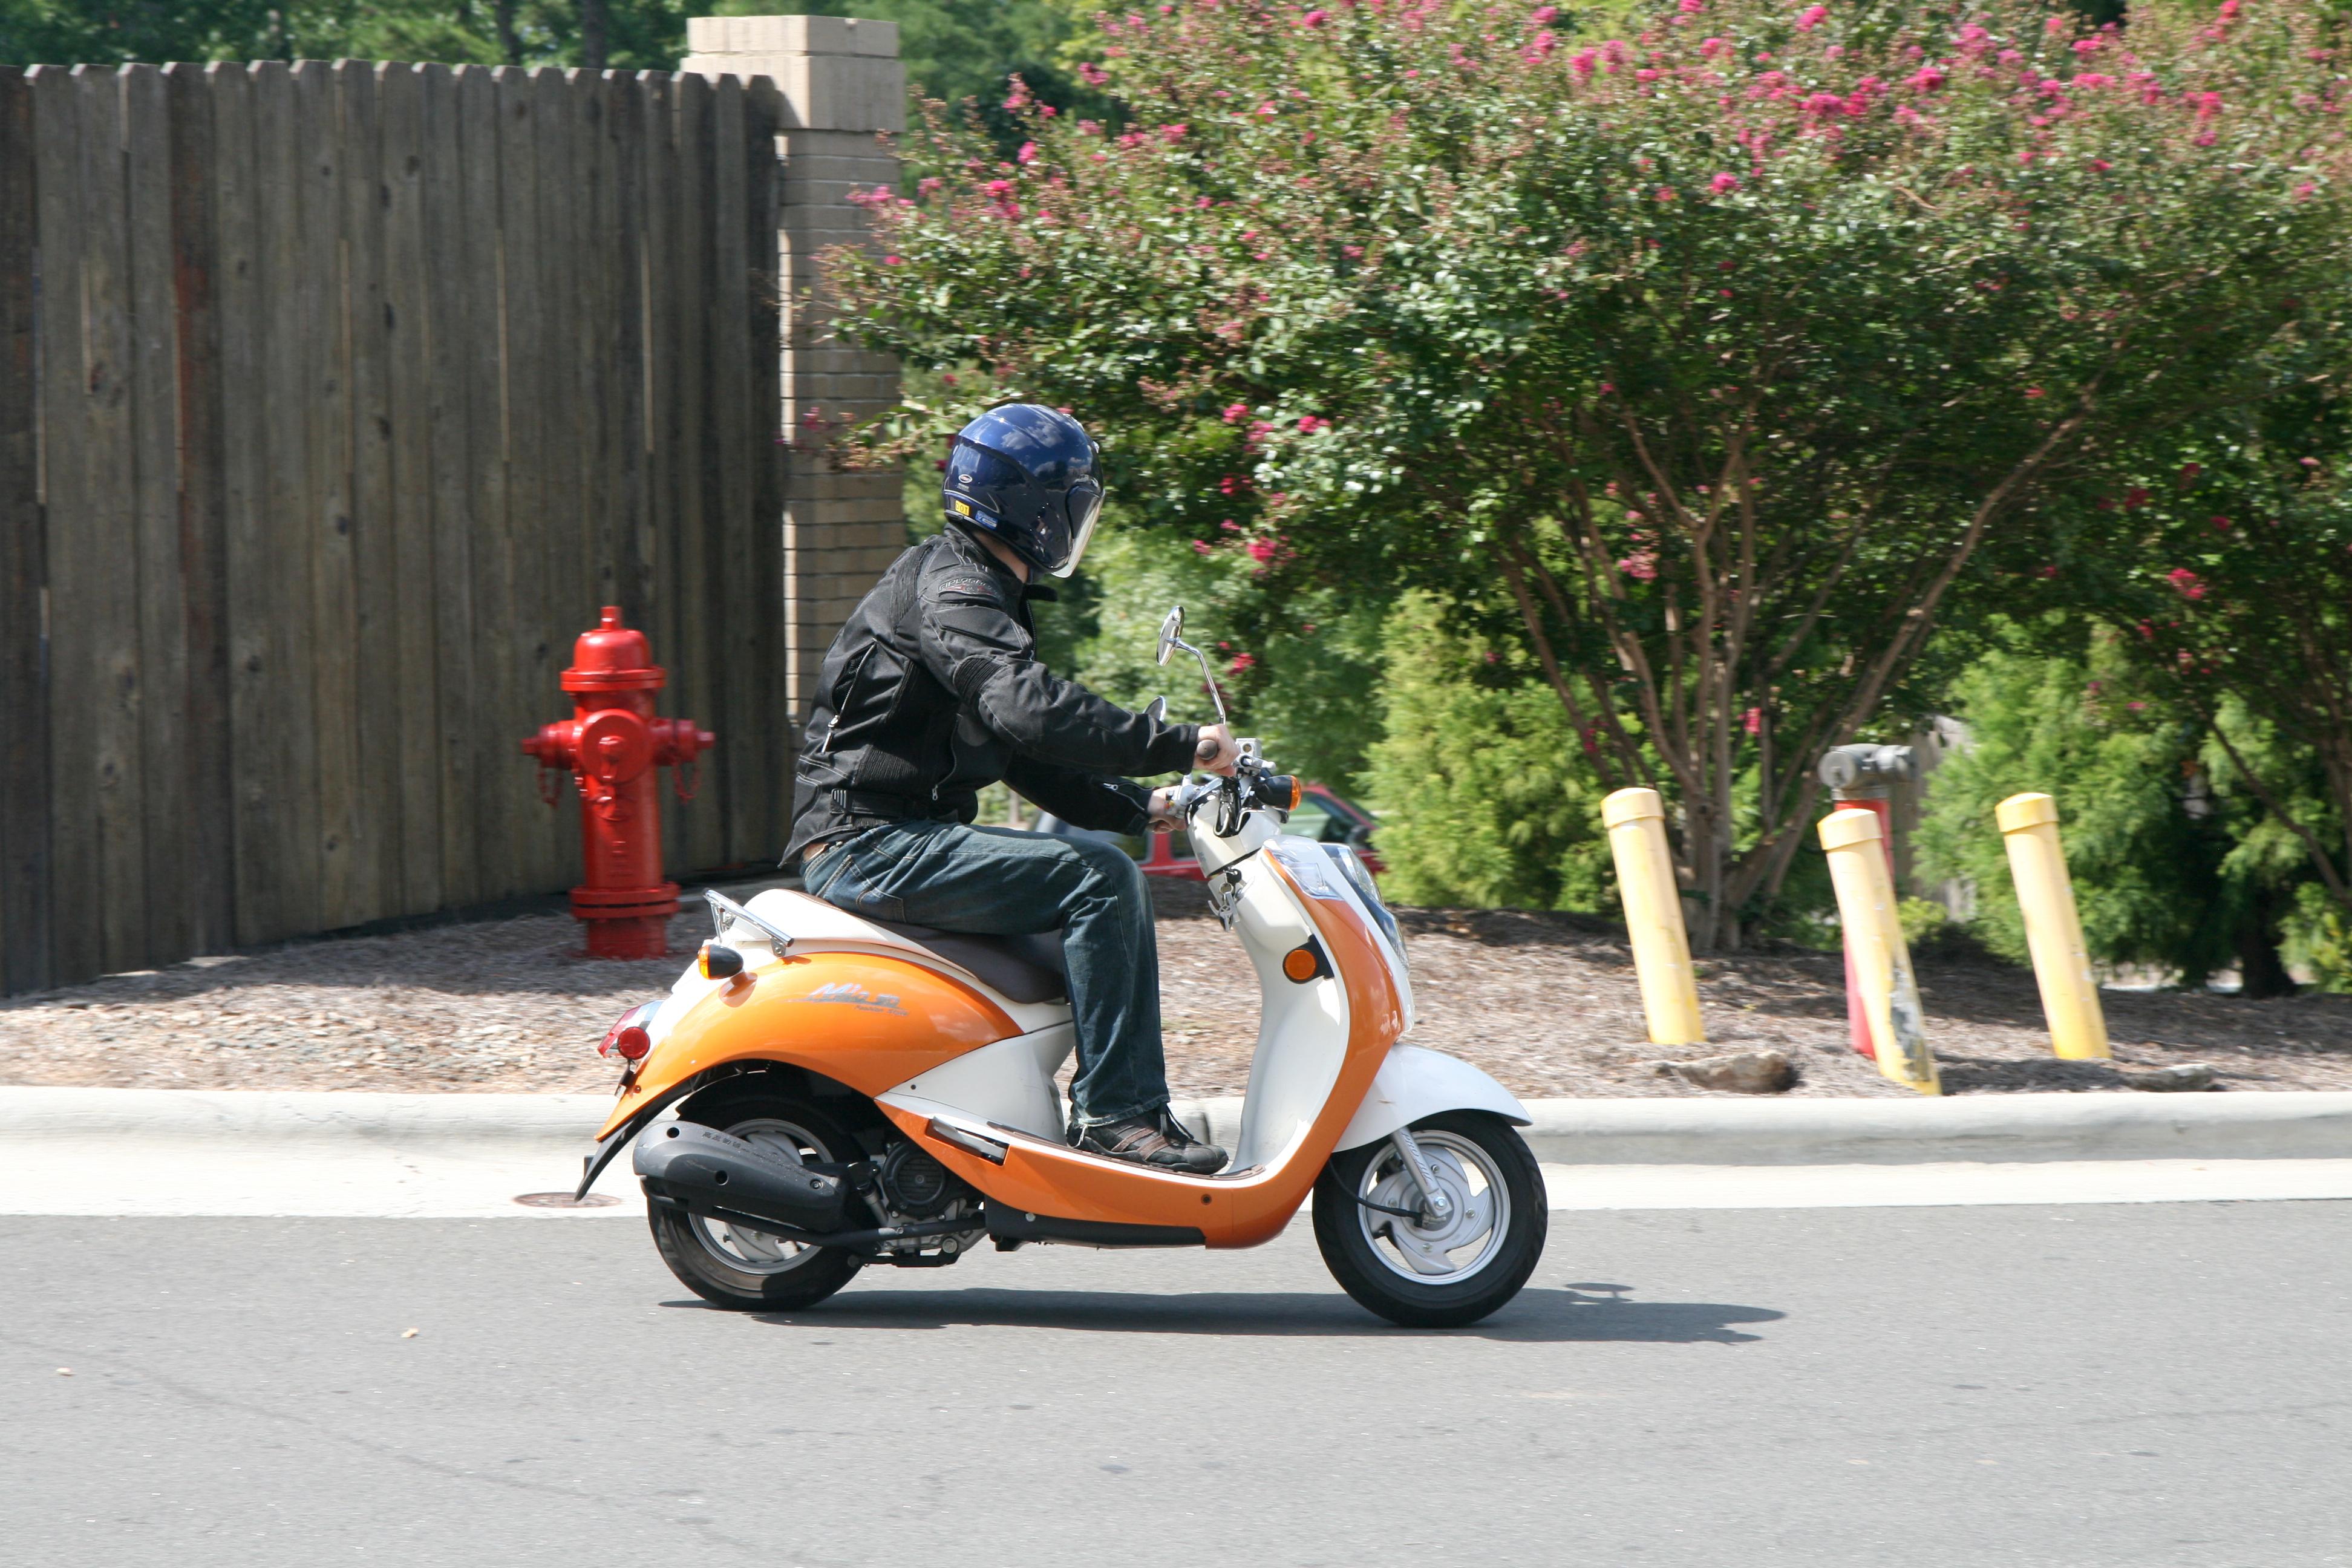 File 2011-09-10 Rider On Sym Mio Scooter Jpg